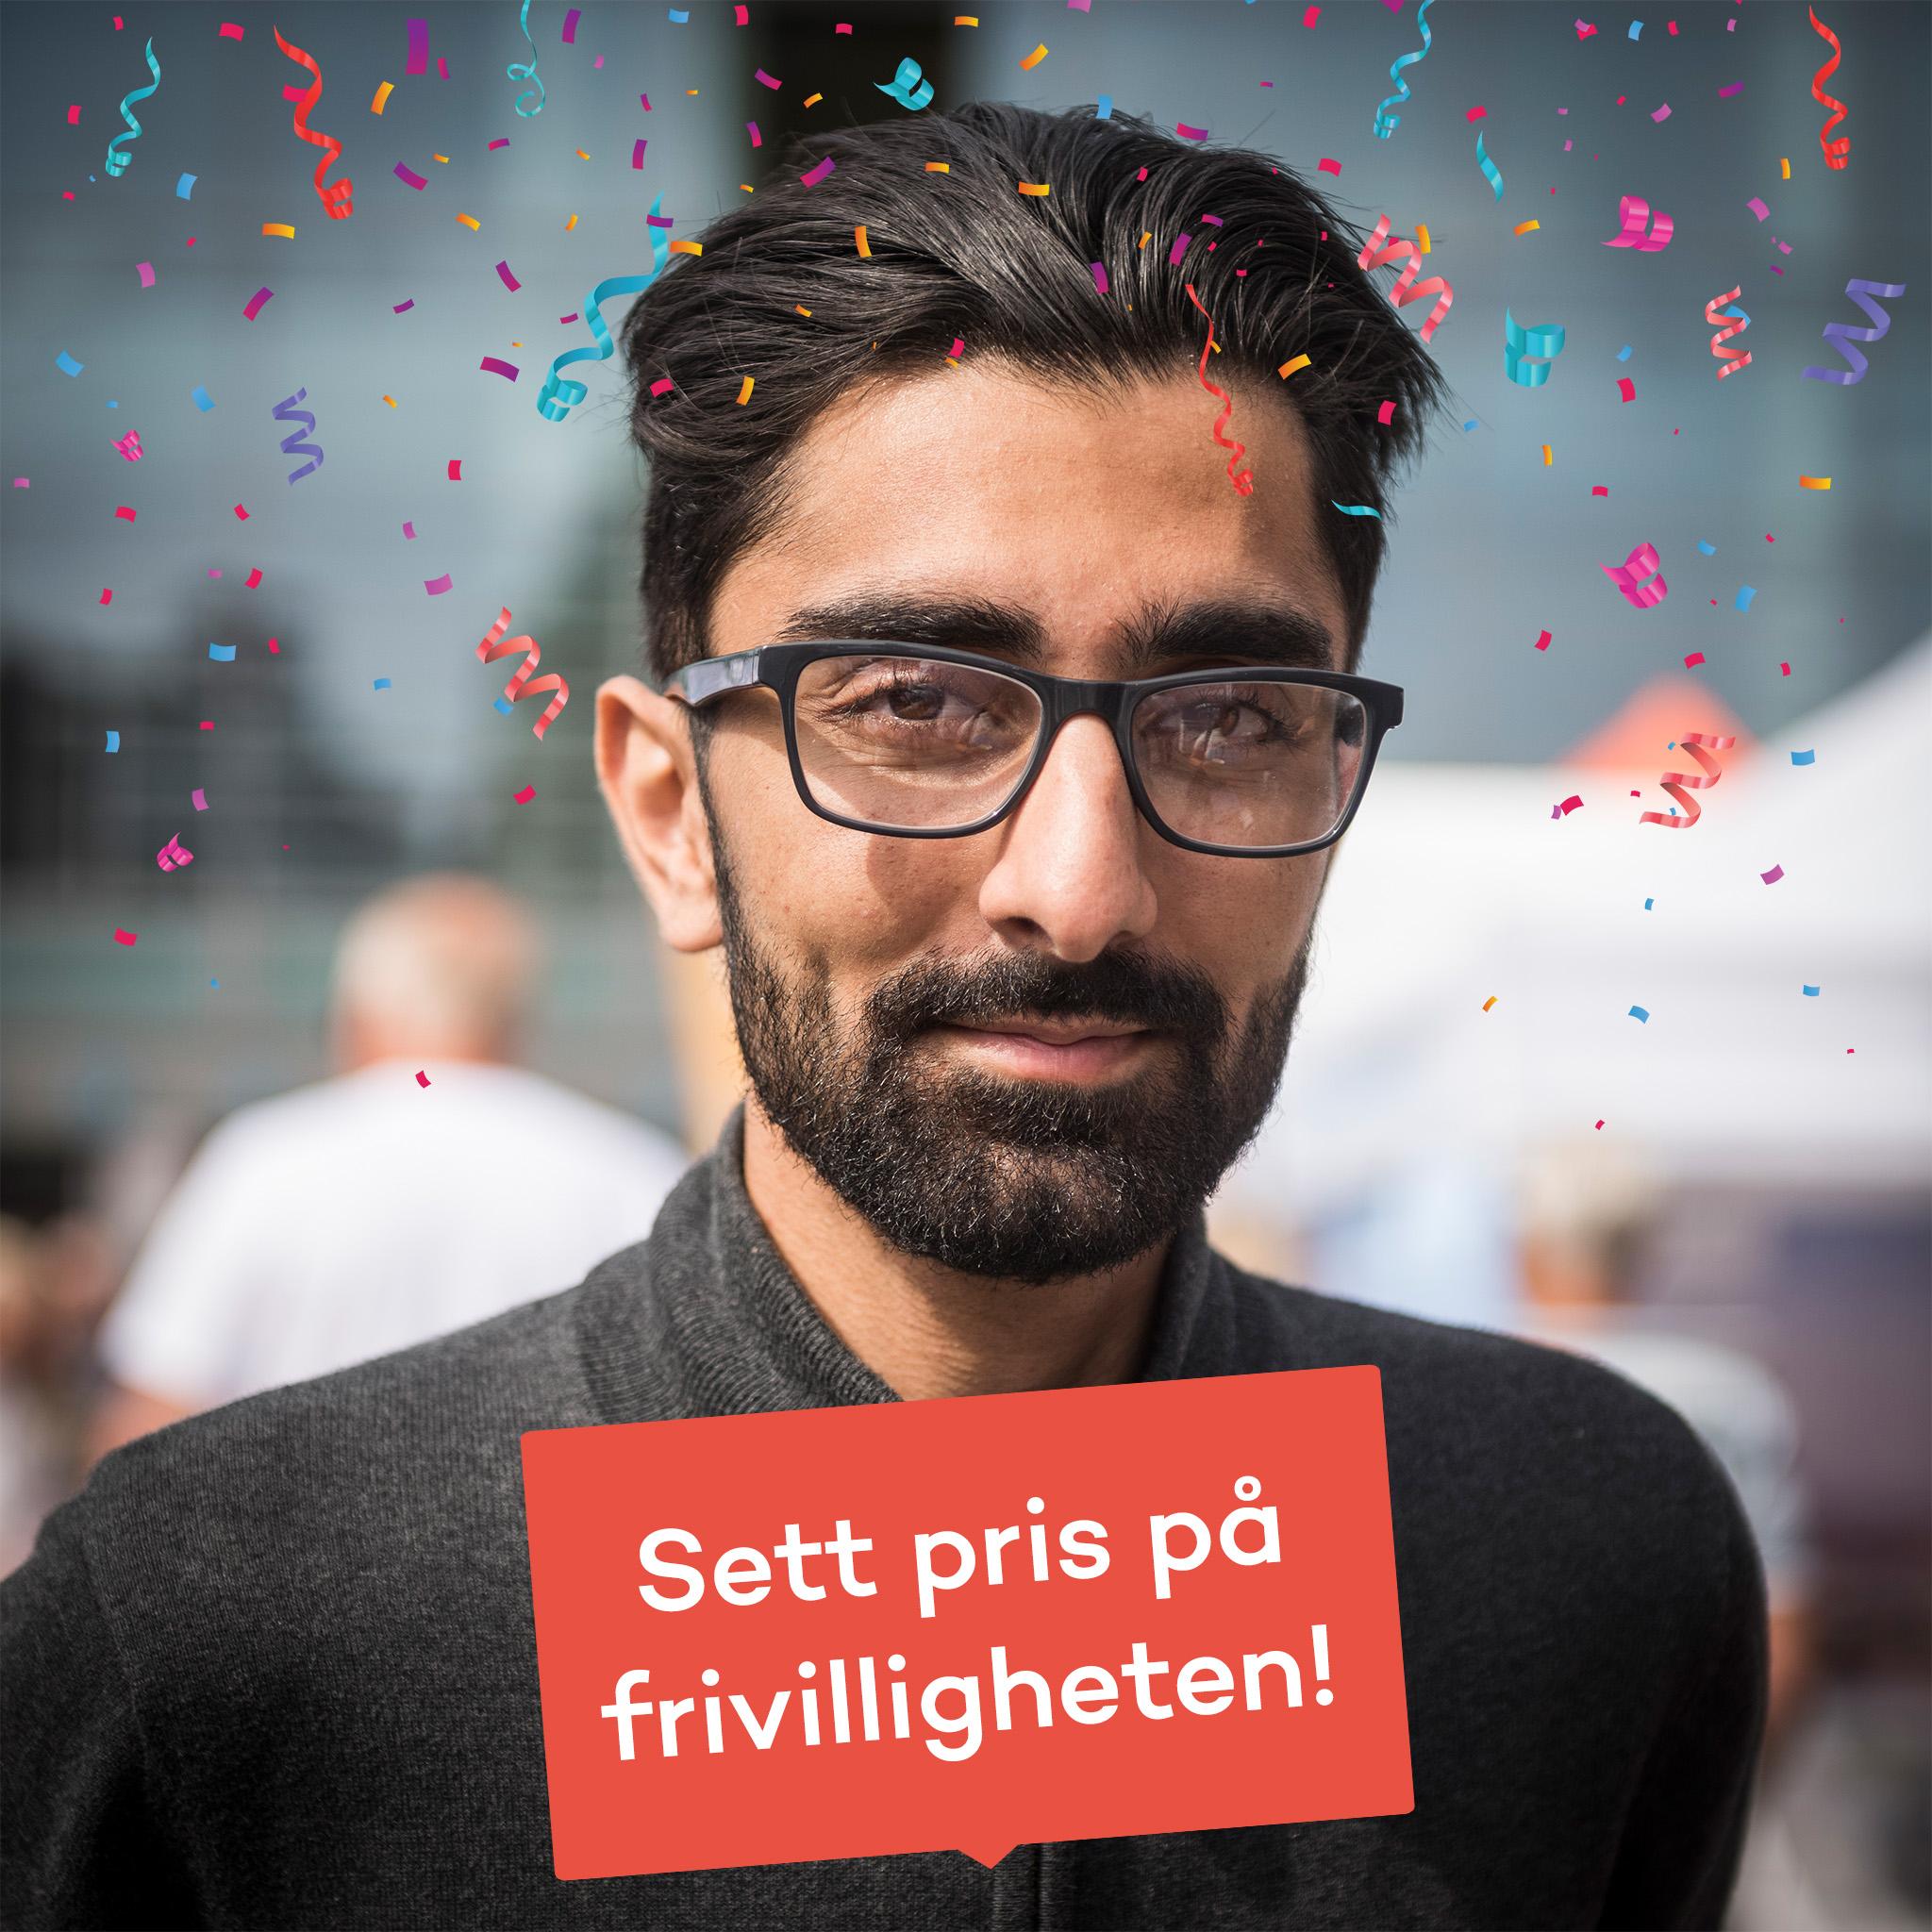 facebook-profile_eksepel 2.jpg